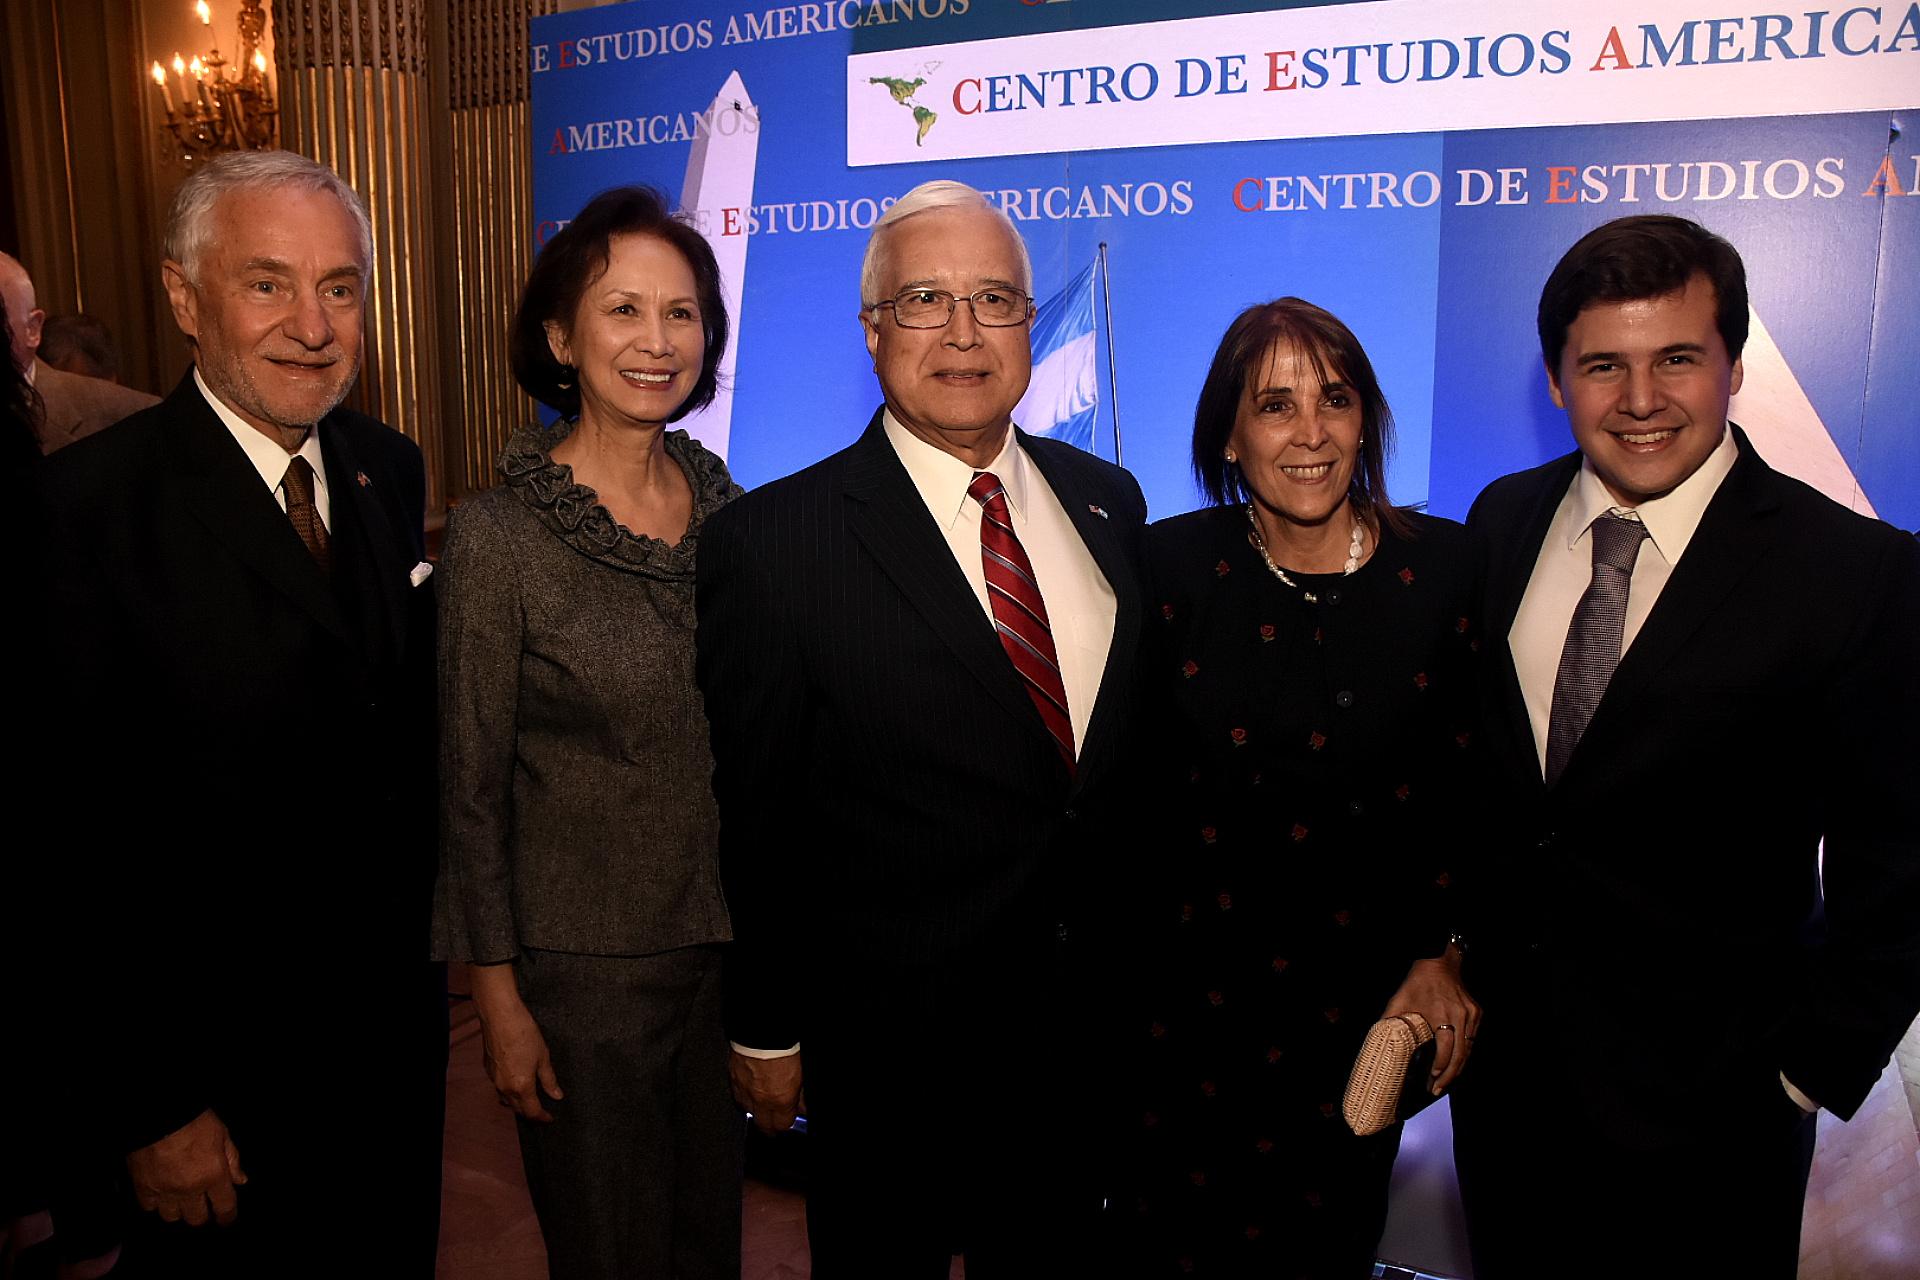 El embajador Edward Prado y Luis Savino presidente del Centro de Estudios Americanos con sus respectivas esposas (Nicolás Stulberg)